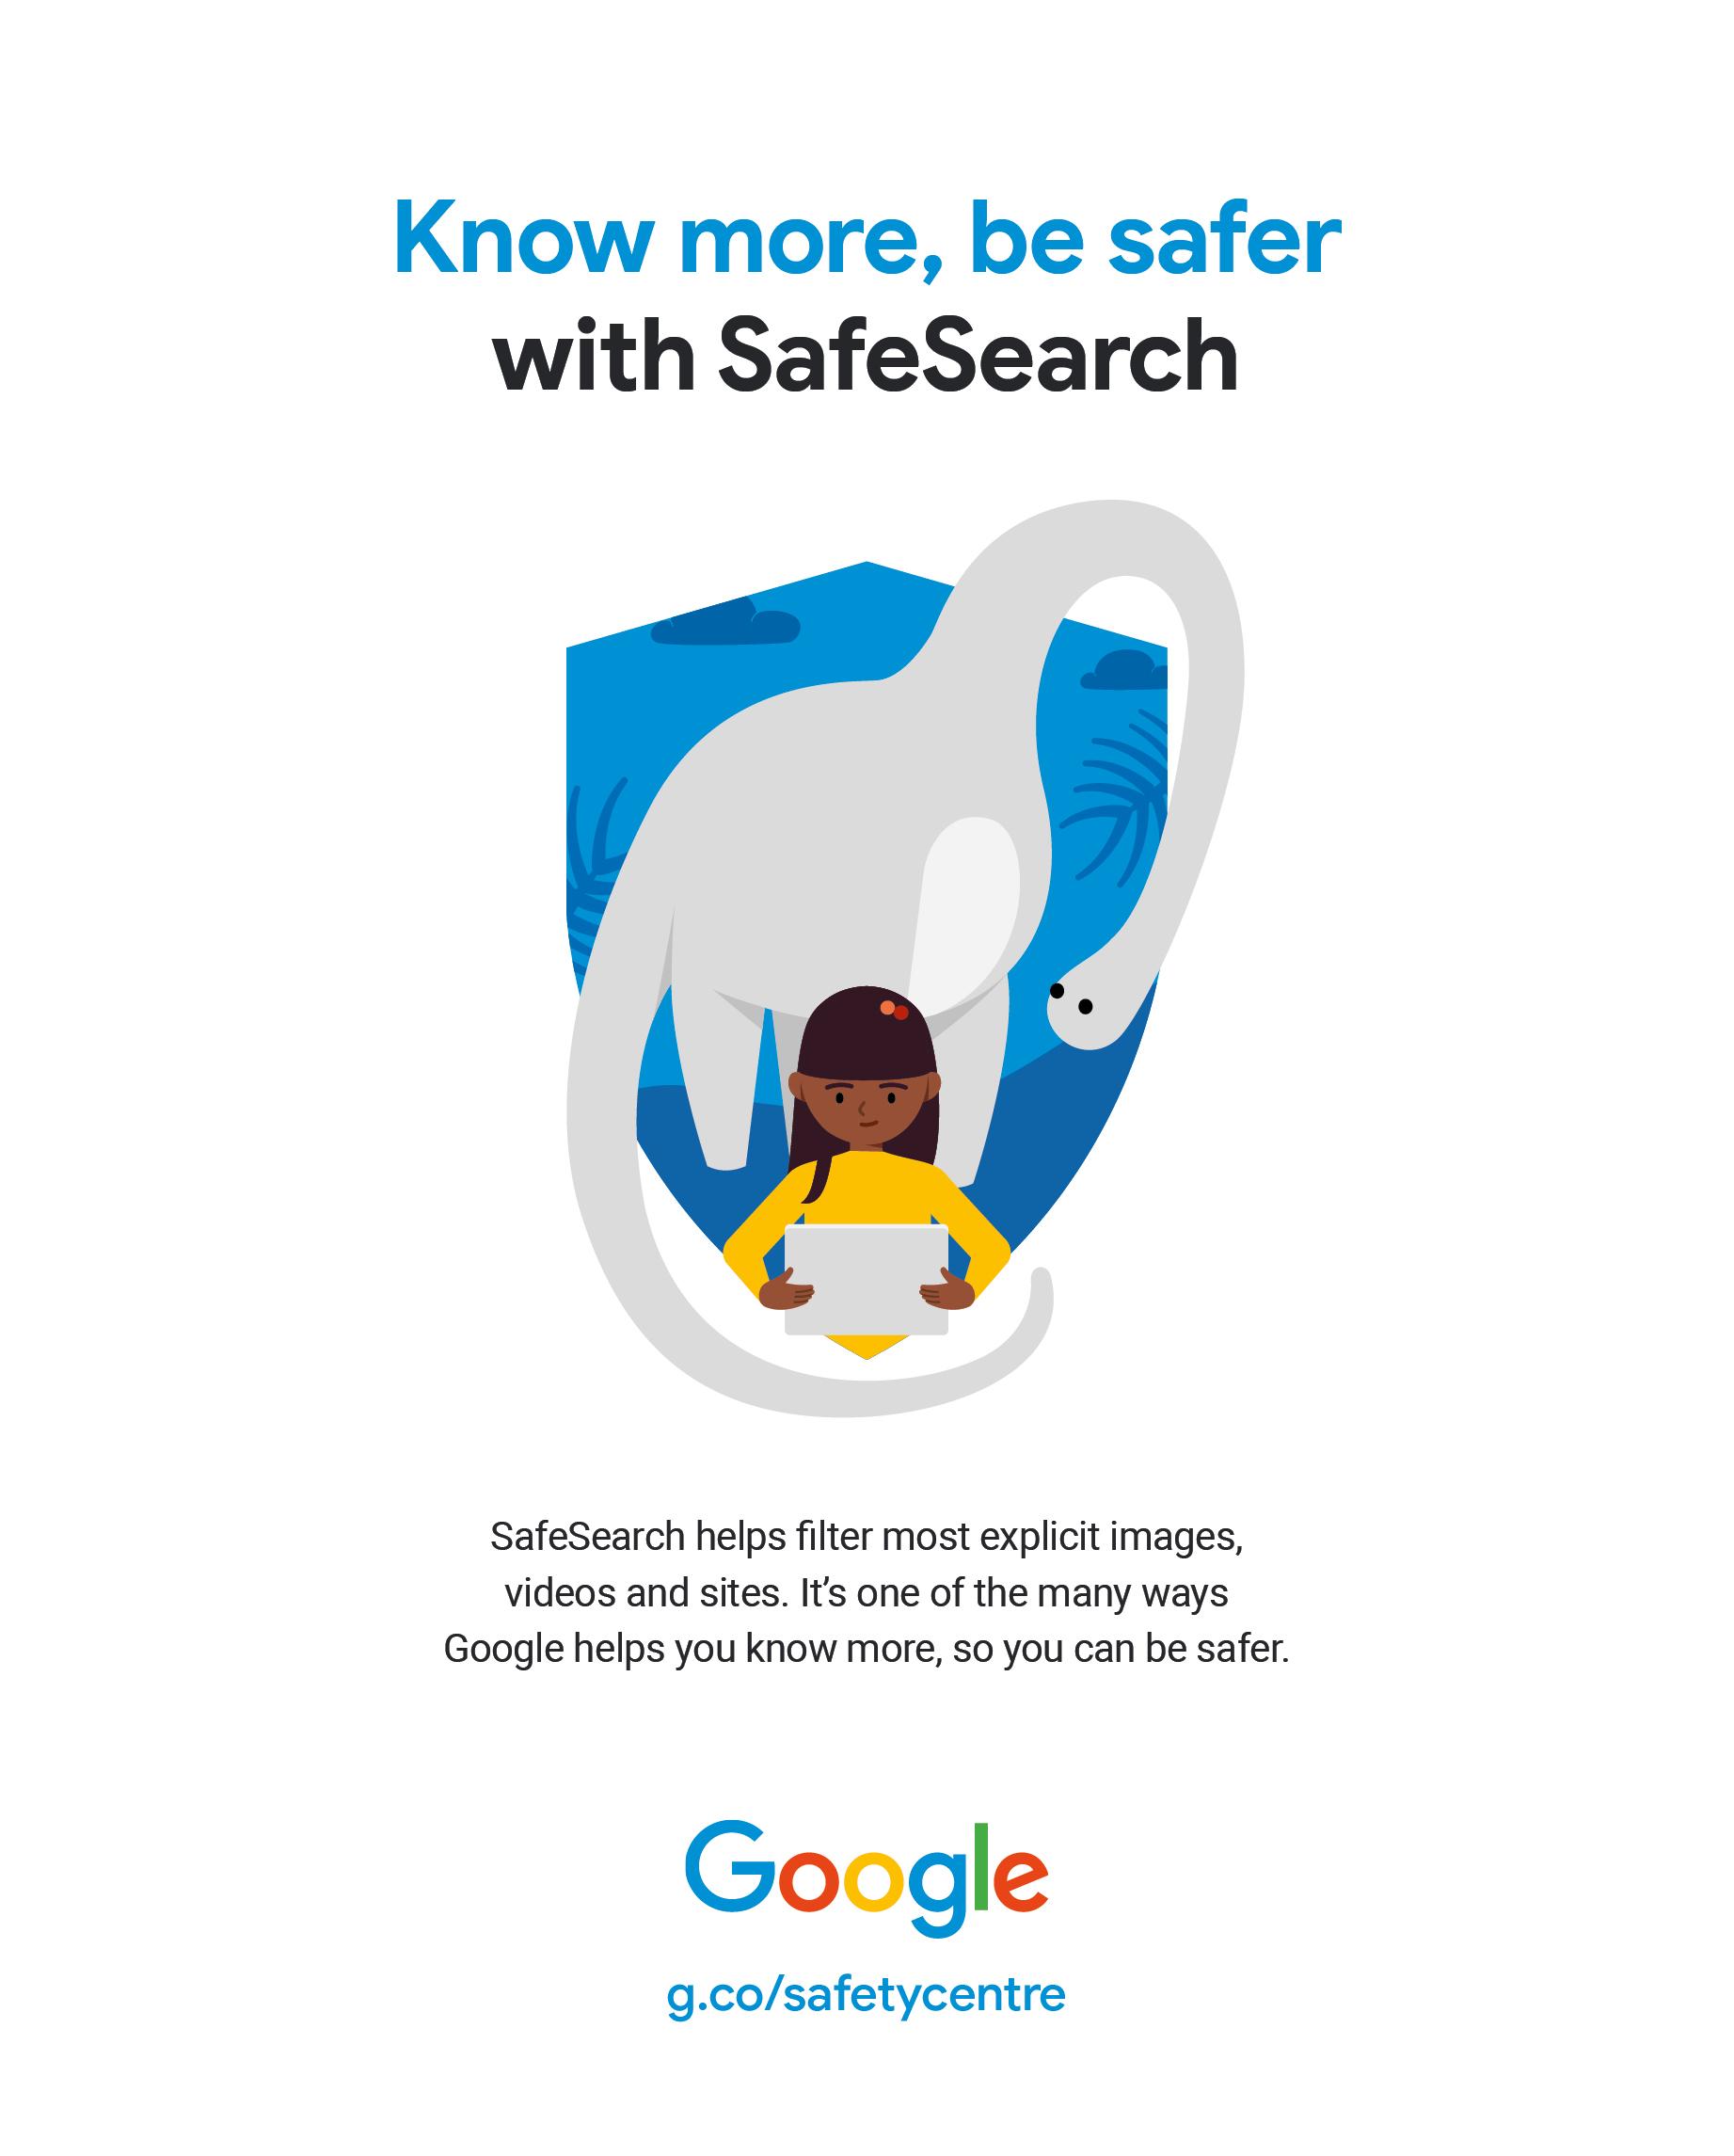 West_P9_GoogleOS_SafeSearch_156x194.jpg